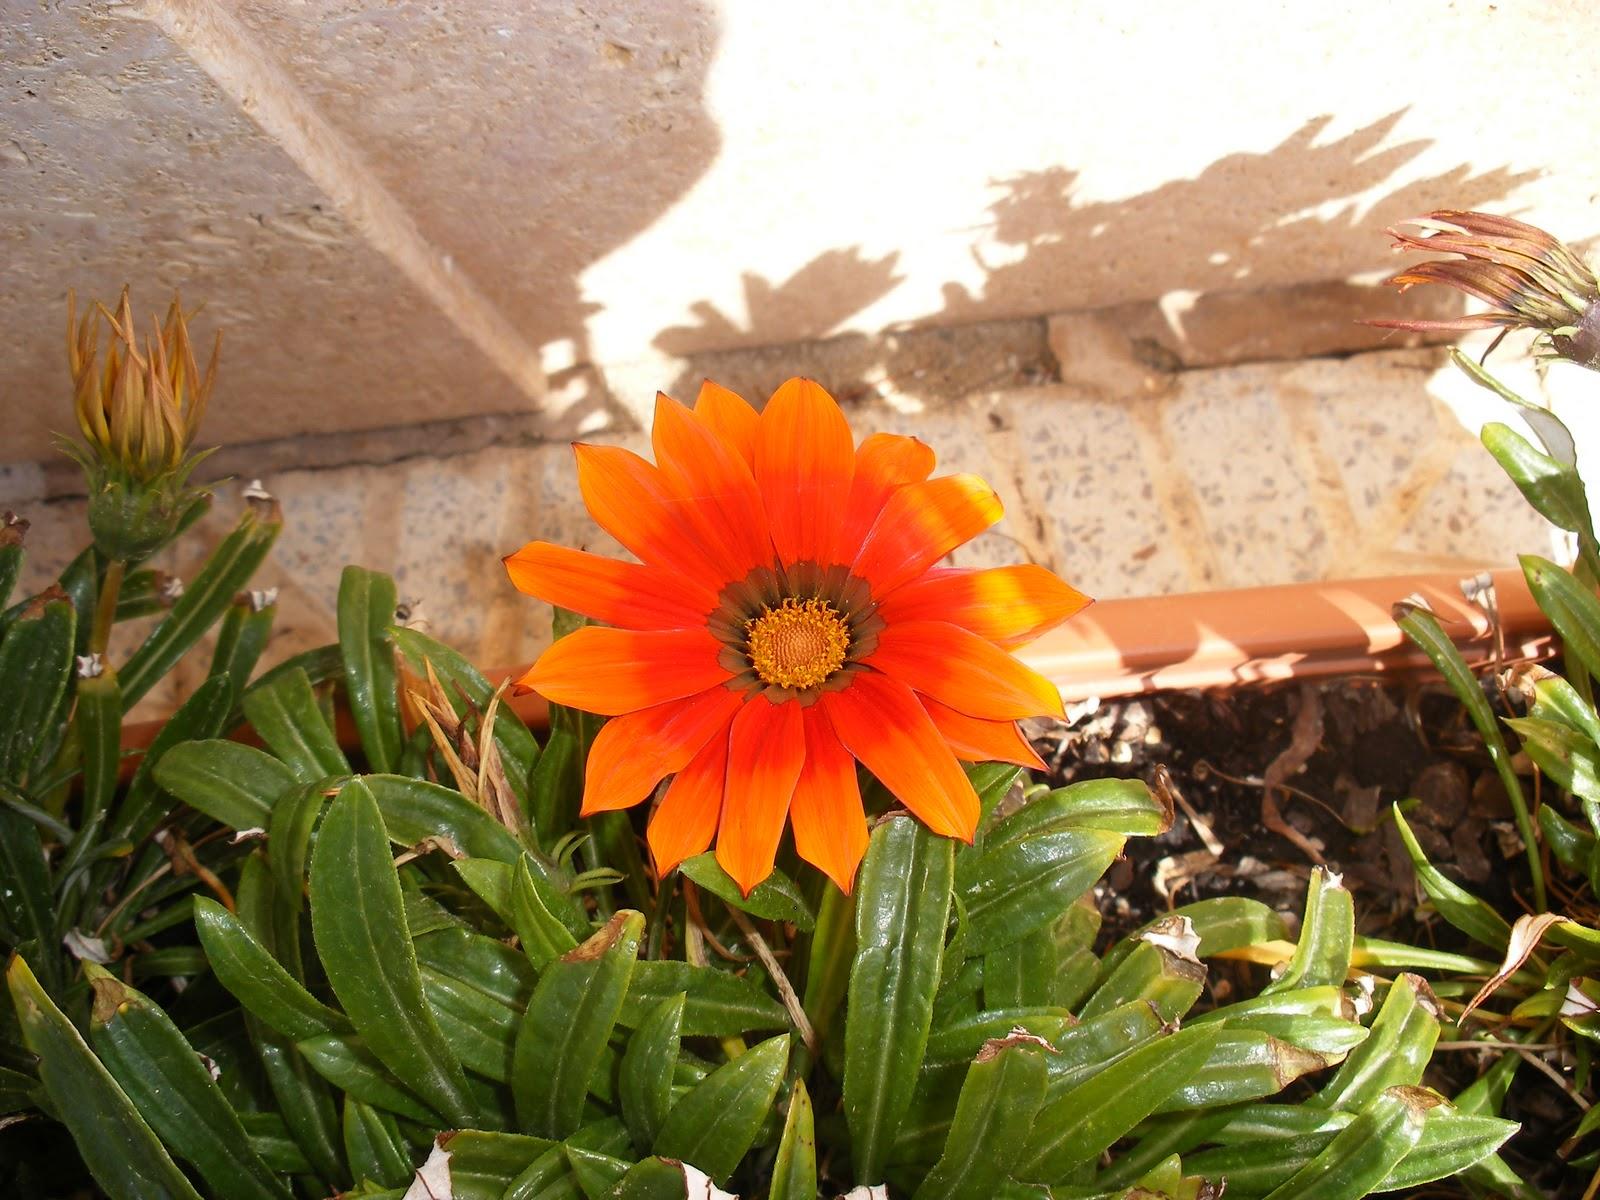 El huerto de ram n flores de plantas ornamentales for 10 plantas ornamentales